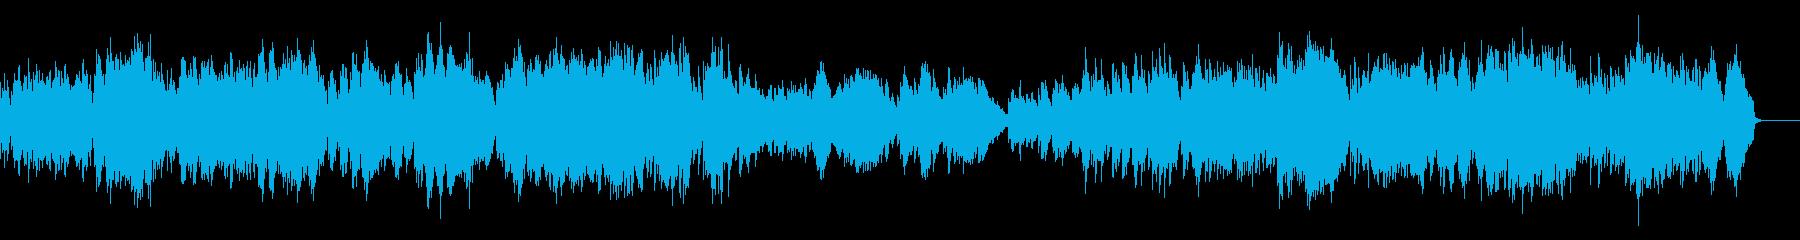 ワルツ第8番 Op.64-3/ショパンの再生済みの波形